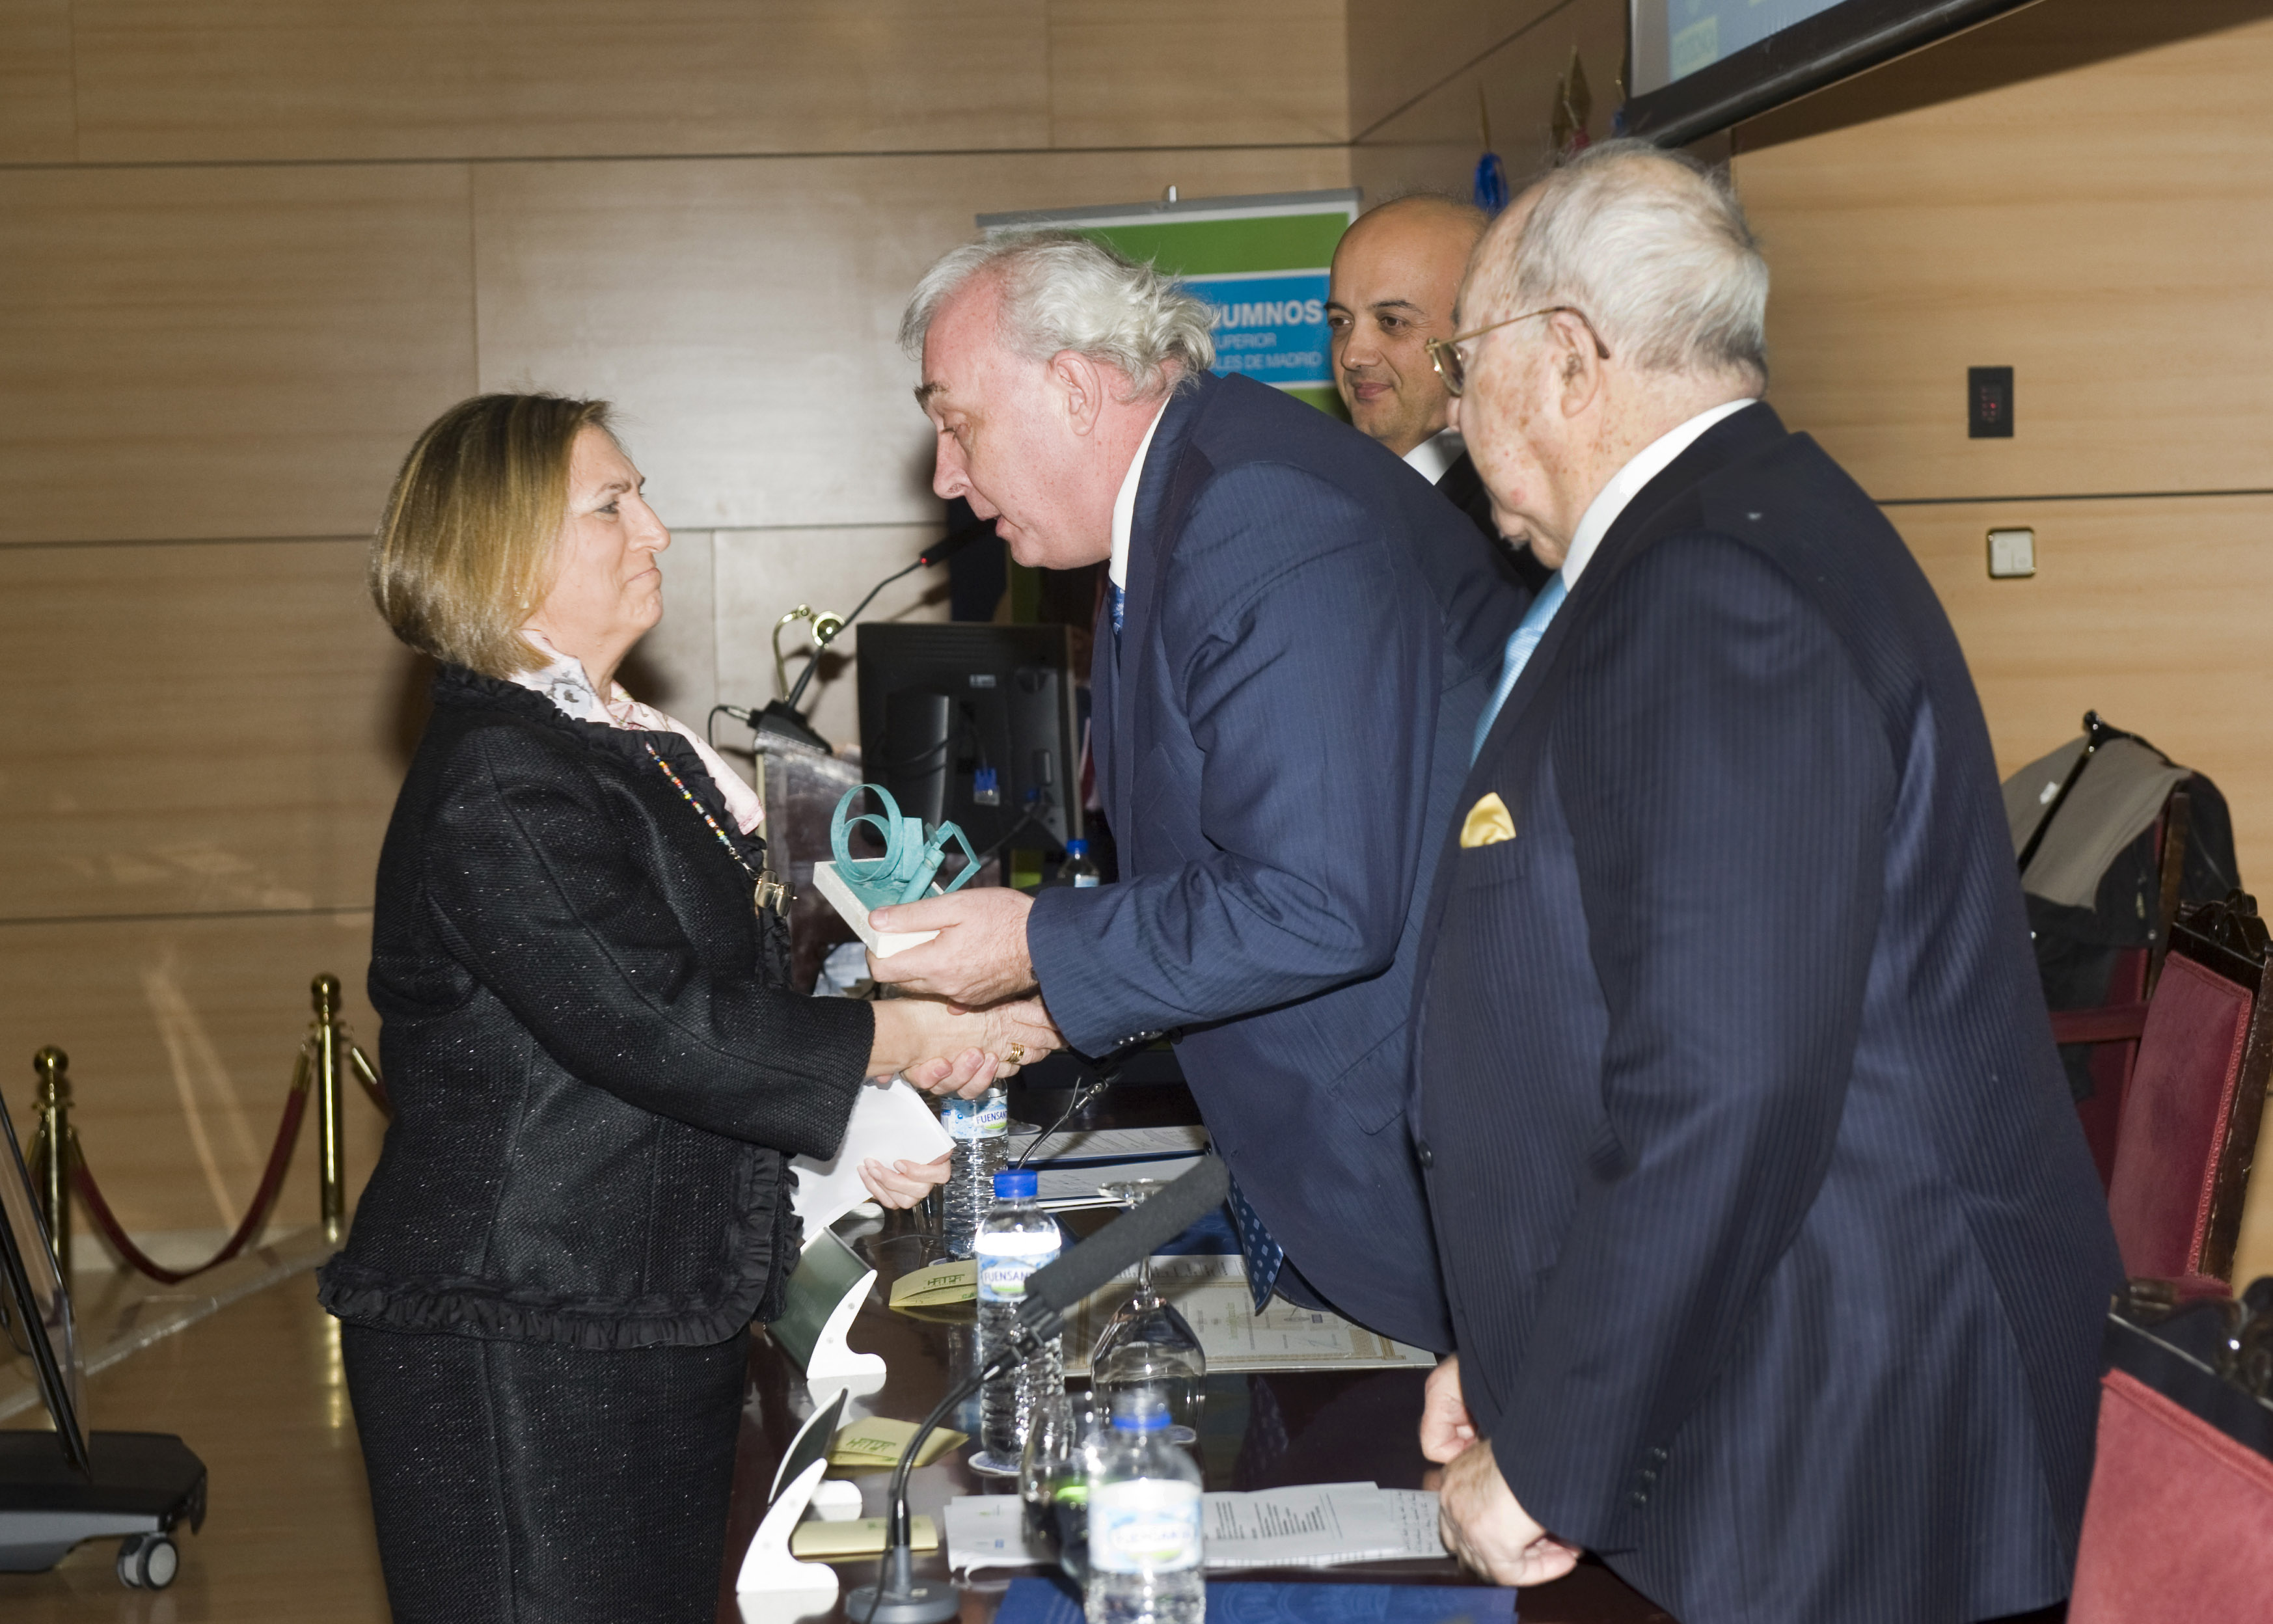 Recibe el Premio Honorífico Dña. Ángela Velasco, viuda de Francisco Javier Quintana